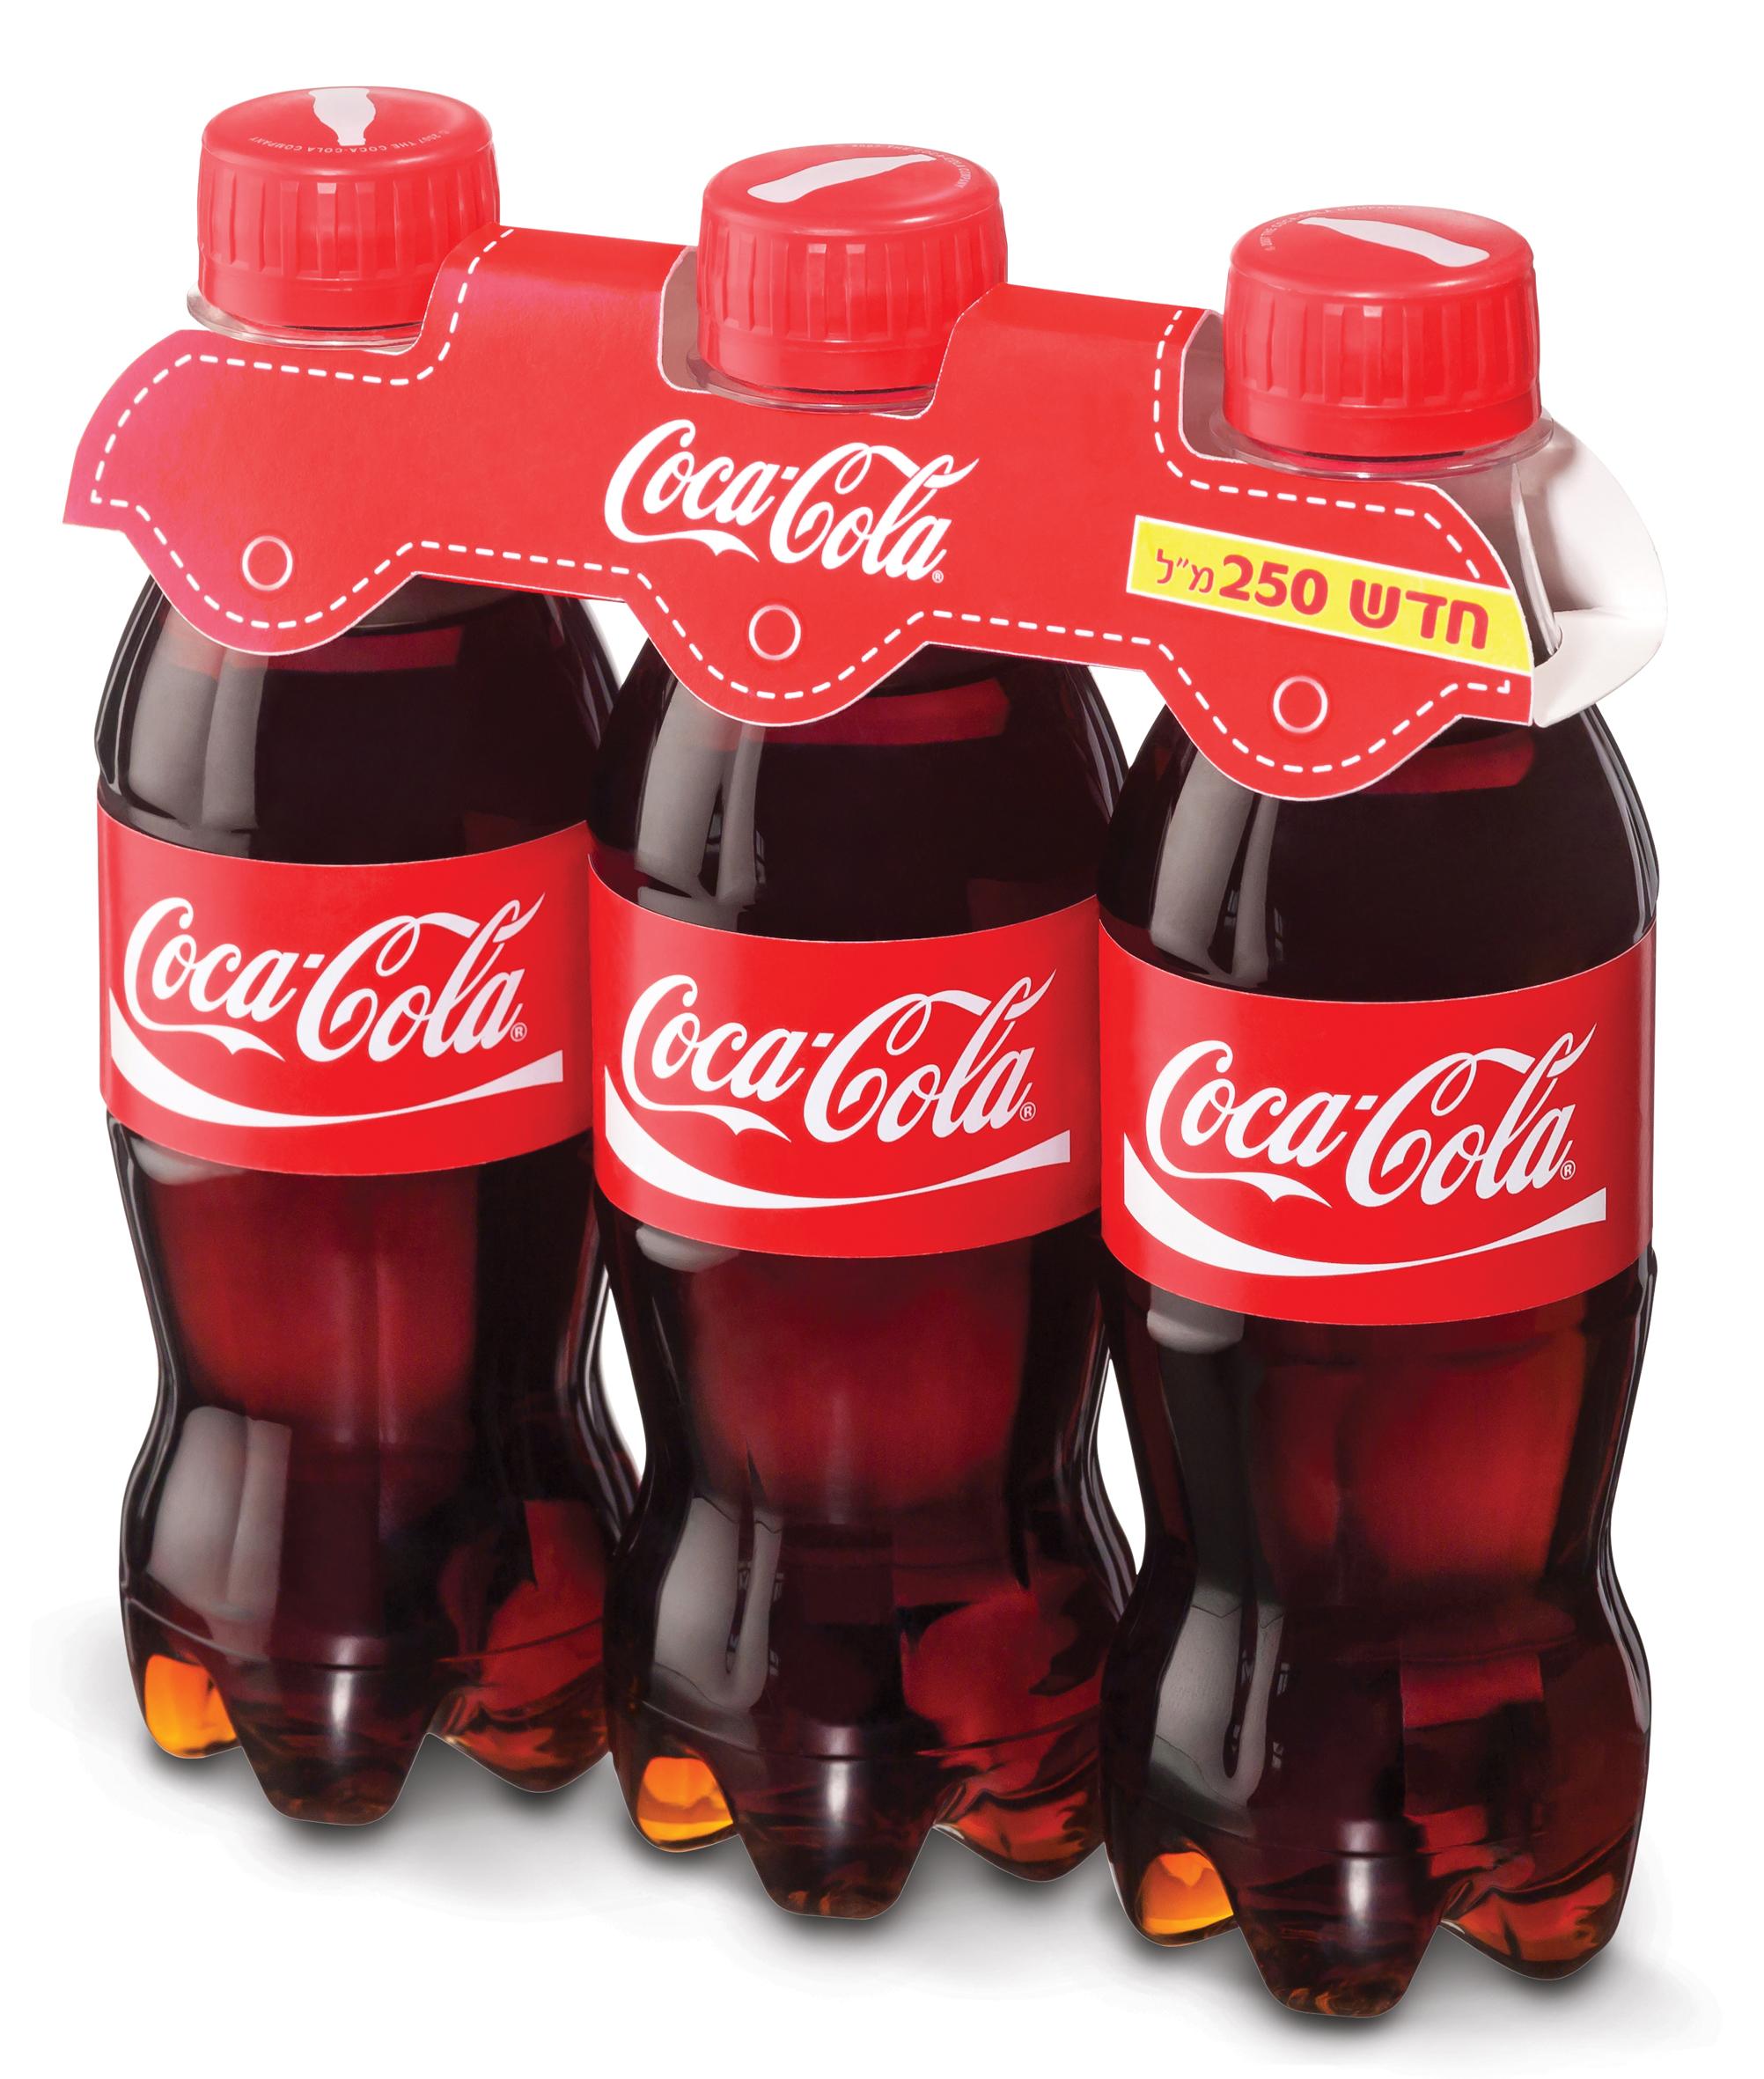 Hовой бутылке Coca-Cola Mini